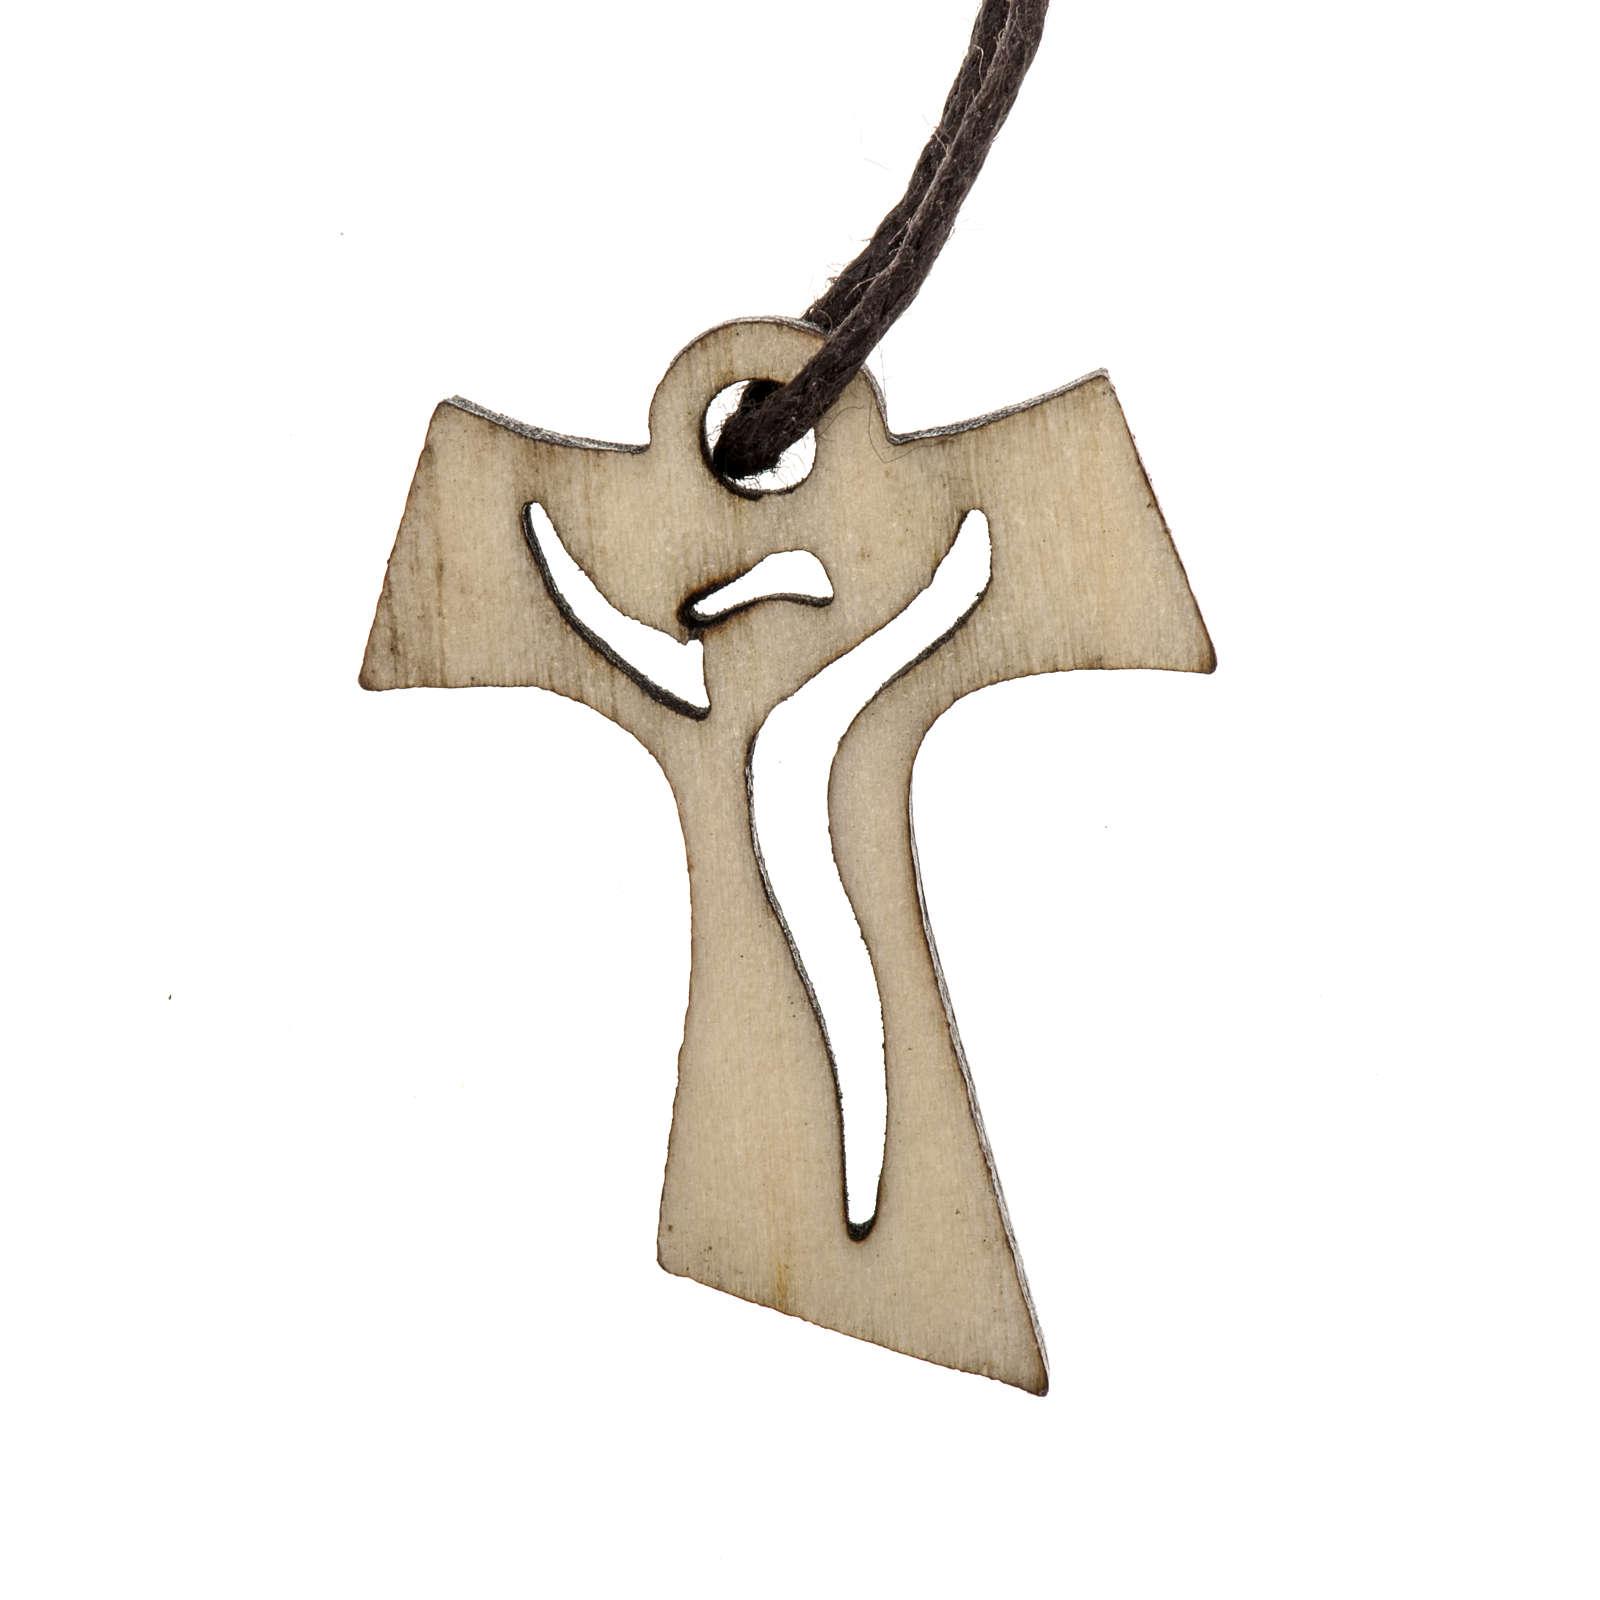 Croce Prima Comunione tau legno intaglio Risorto 3,3x2,4cm 4